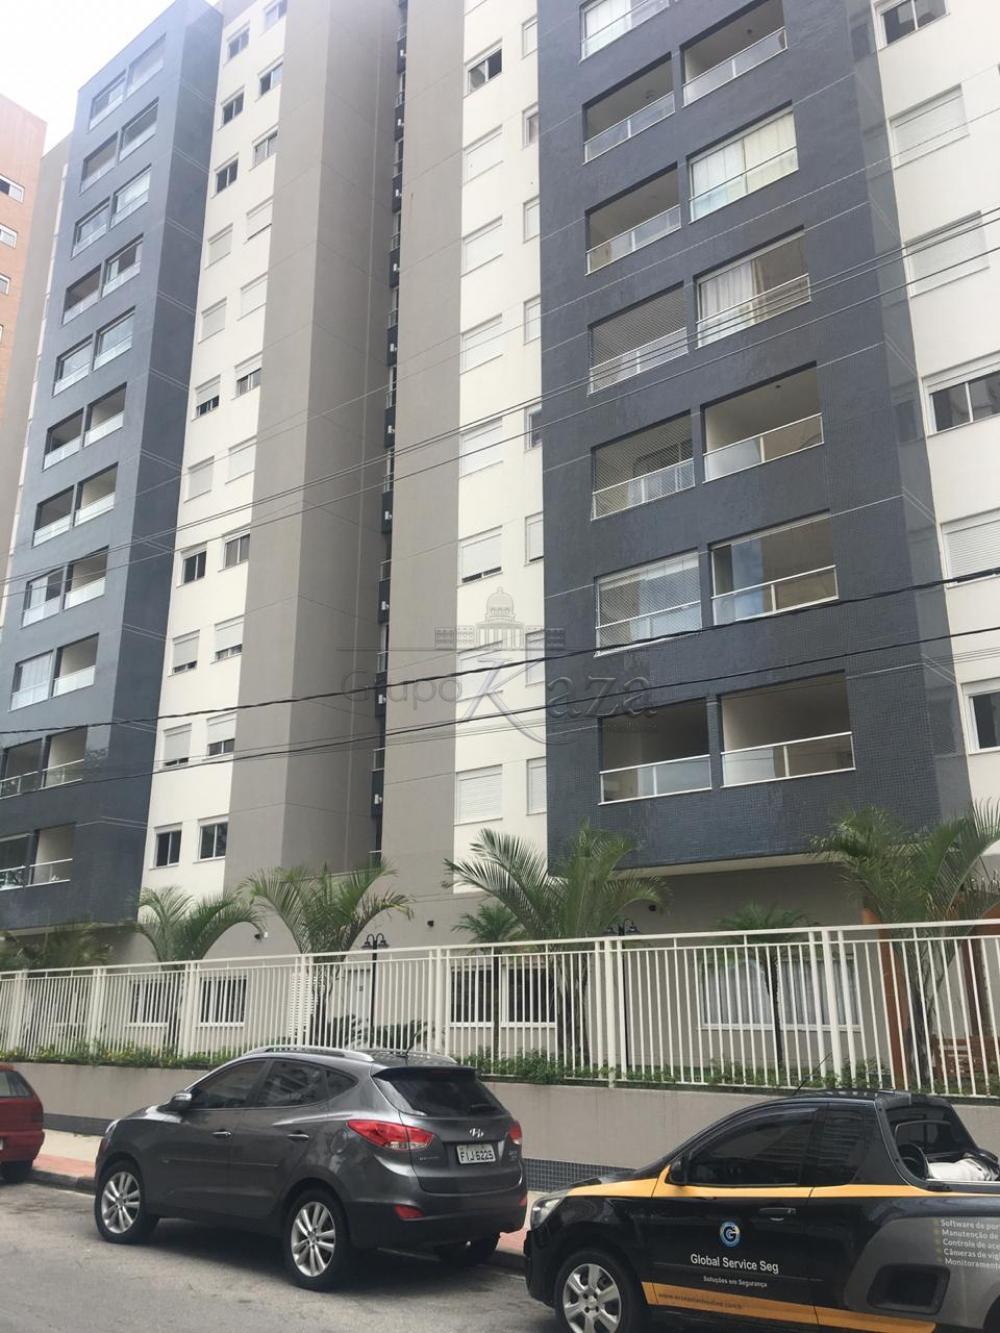 Comprar Apartamento / Padrão em São José dos Campos apenas R$ 445.000,00 - Foto 1